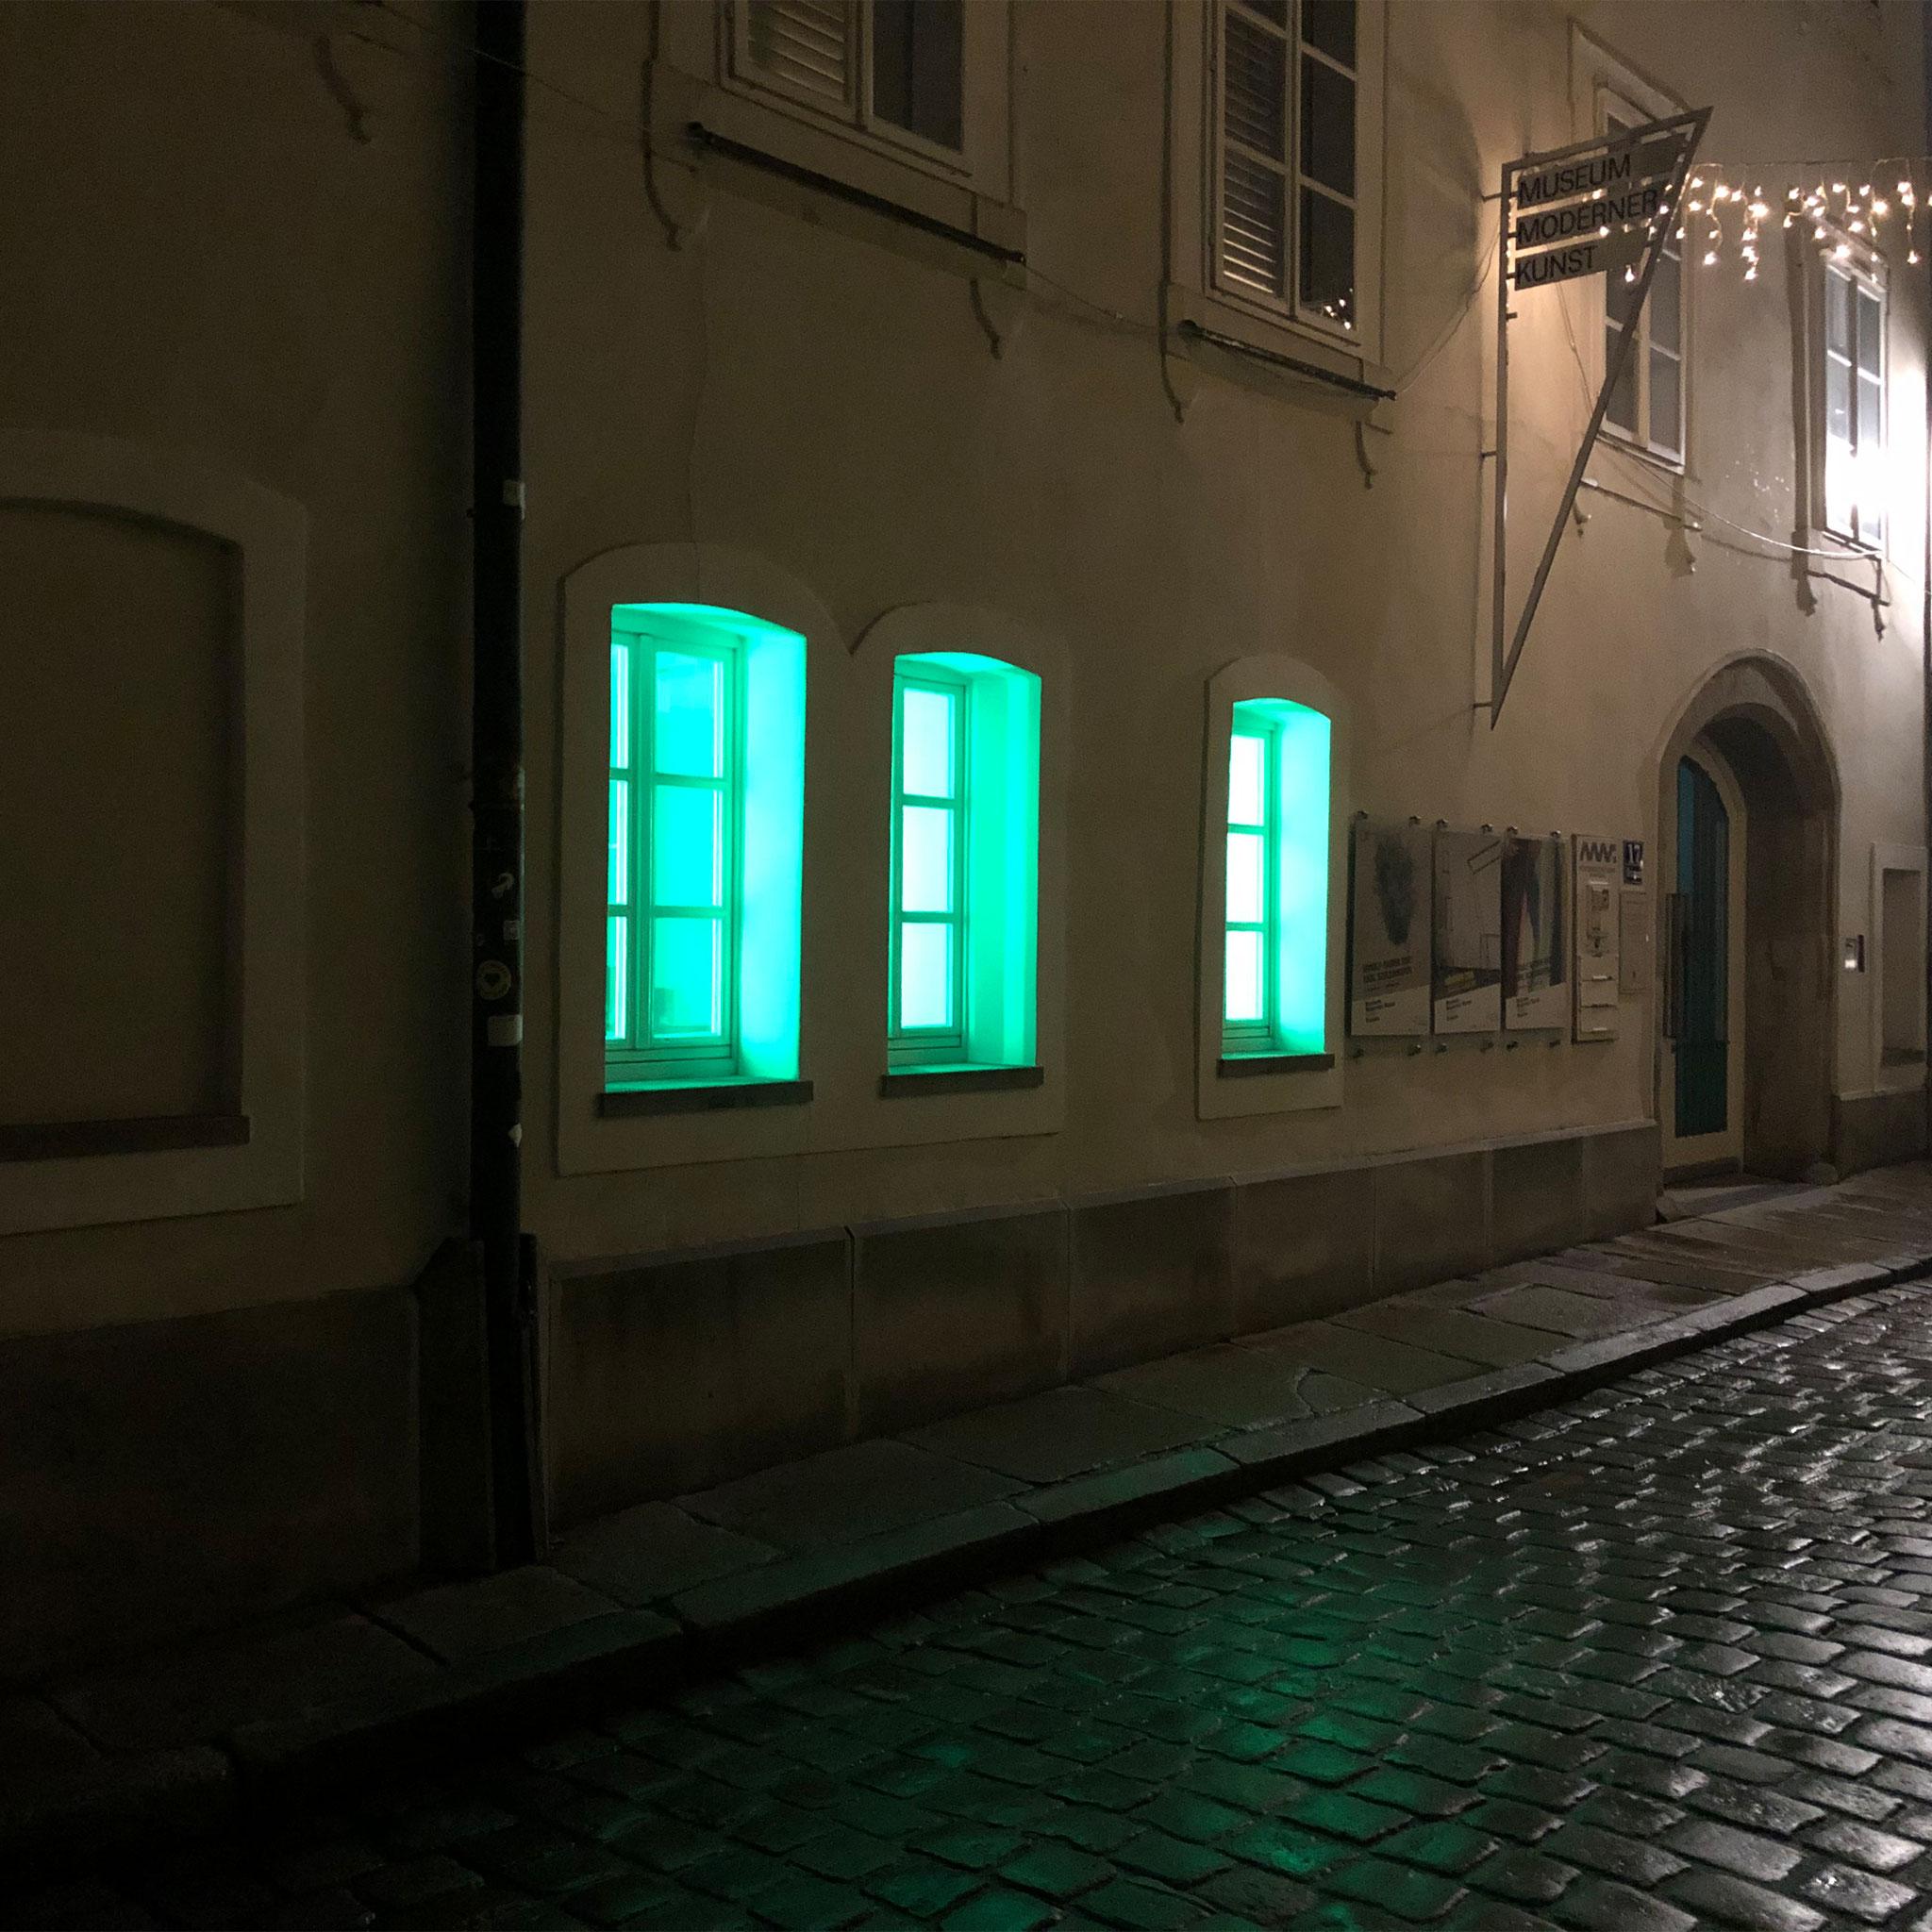 mmk...wpa 18.19.20, museum moderner kunst wörlen passau, foto lichtprojekt